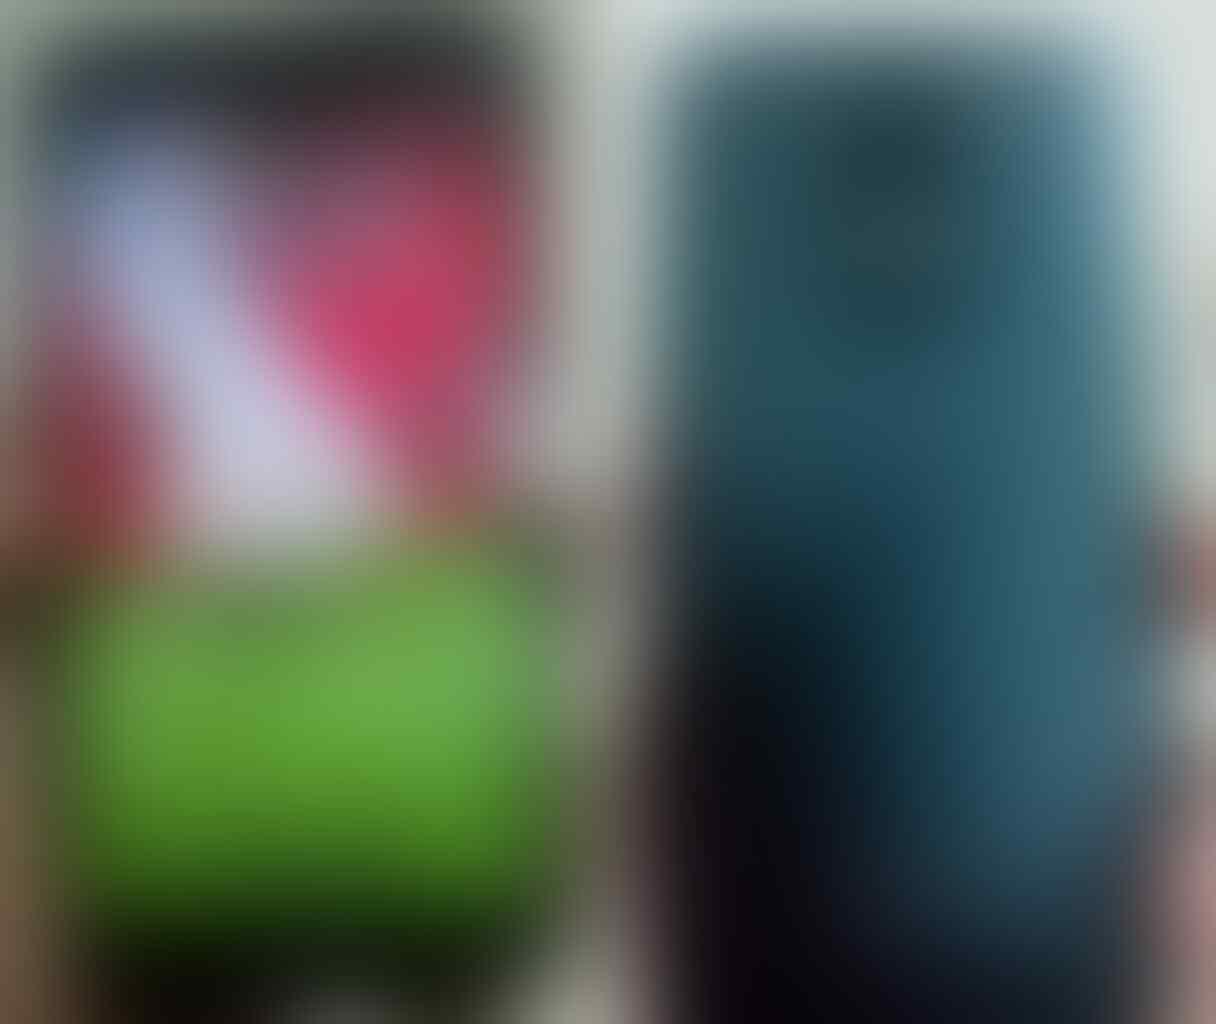 LG G2 mini, Pakai Hanya 1 Minggu, model seperti LG G3!